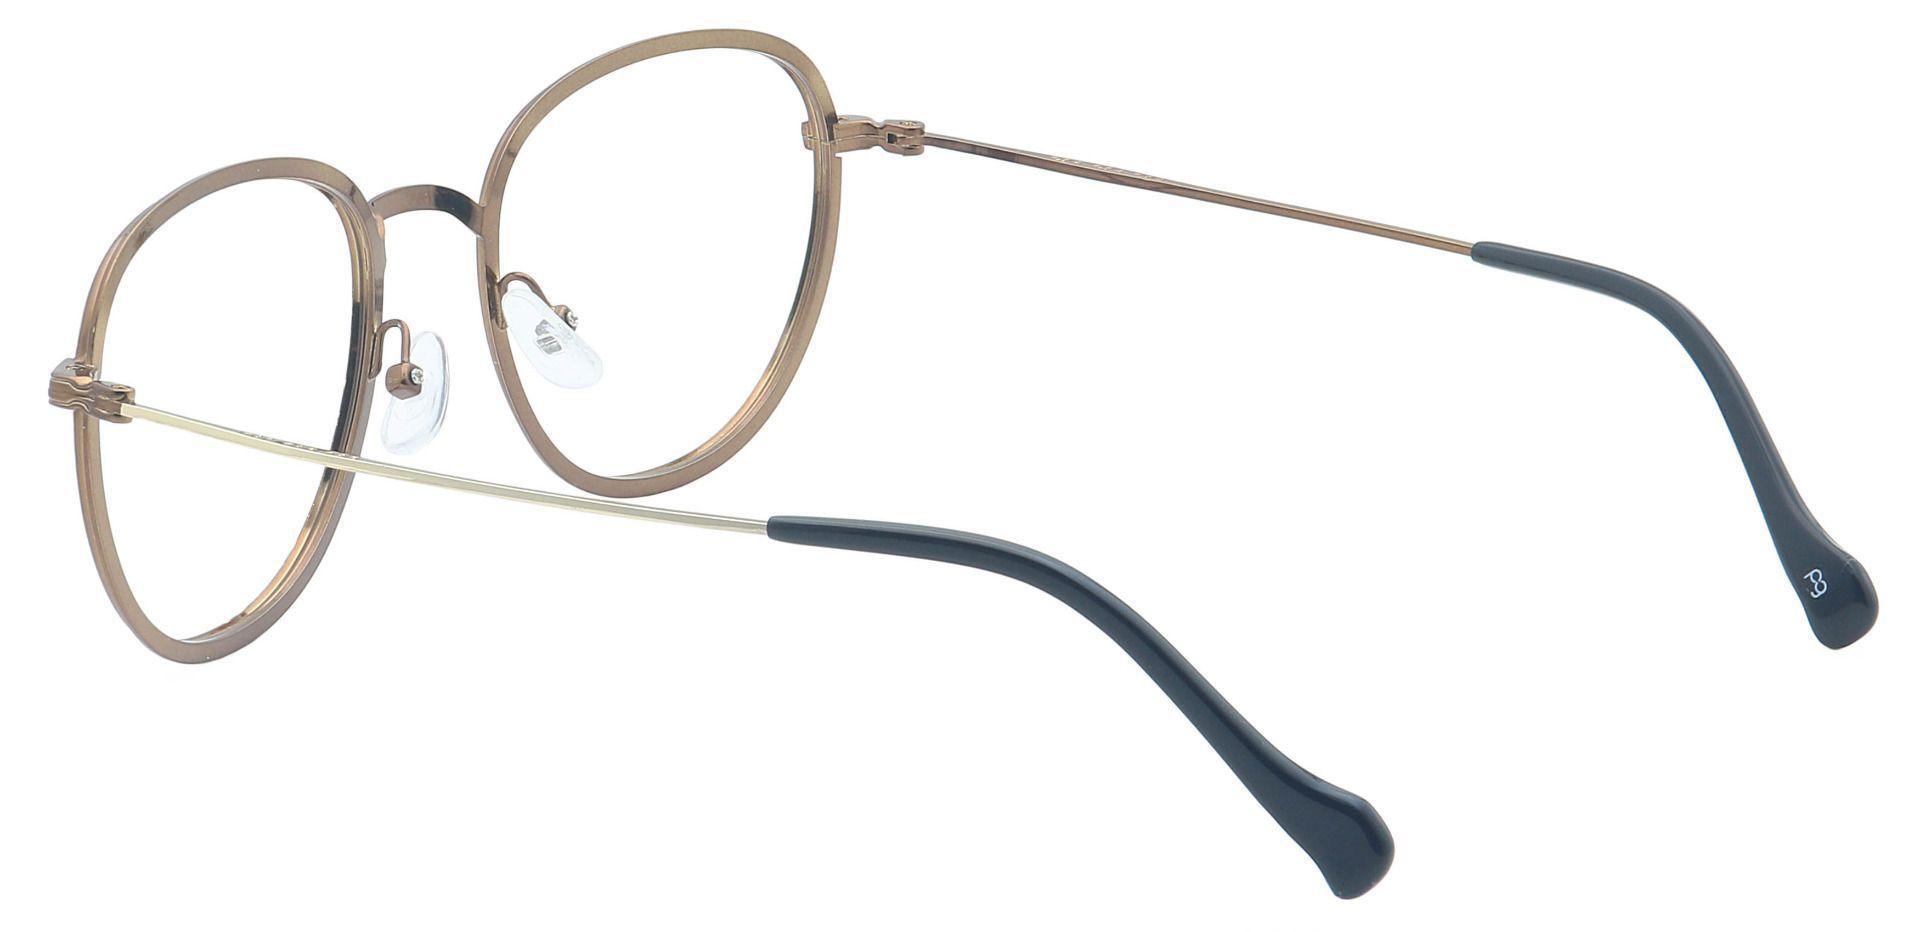 Foster Oval Prescription Glasses - Brown